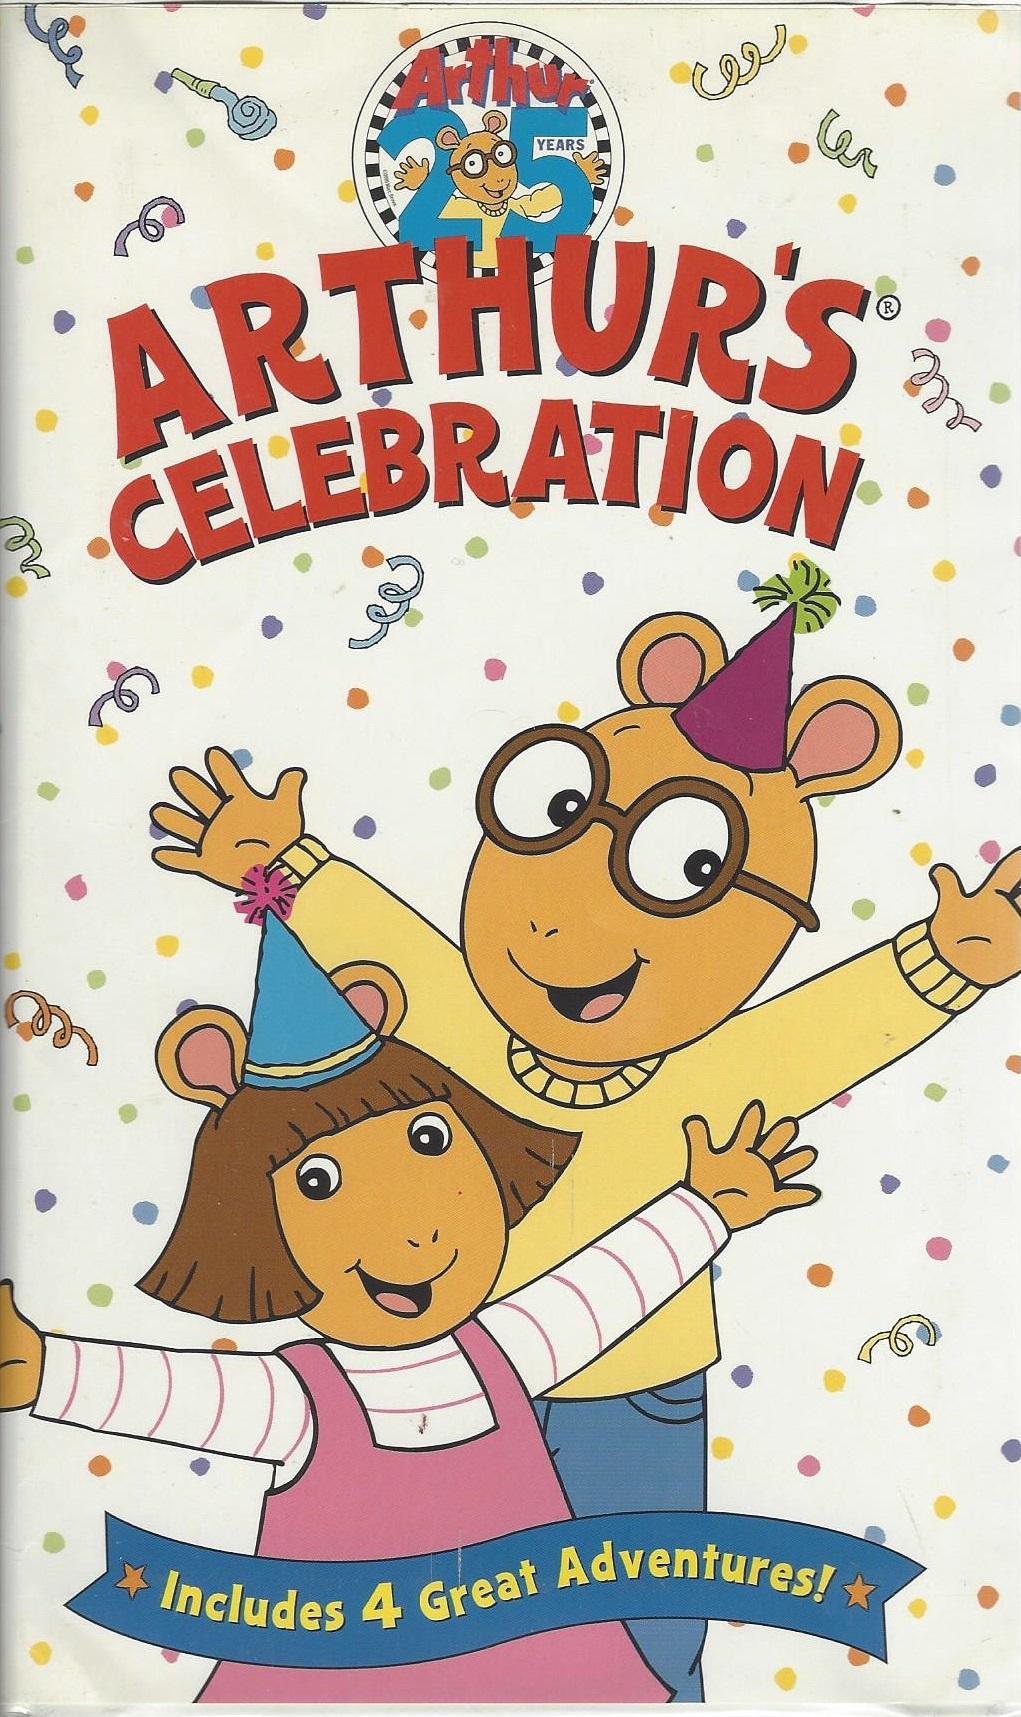 Arthur's Celebration (VHS)